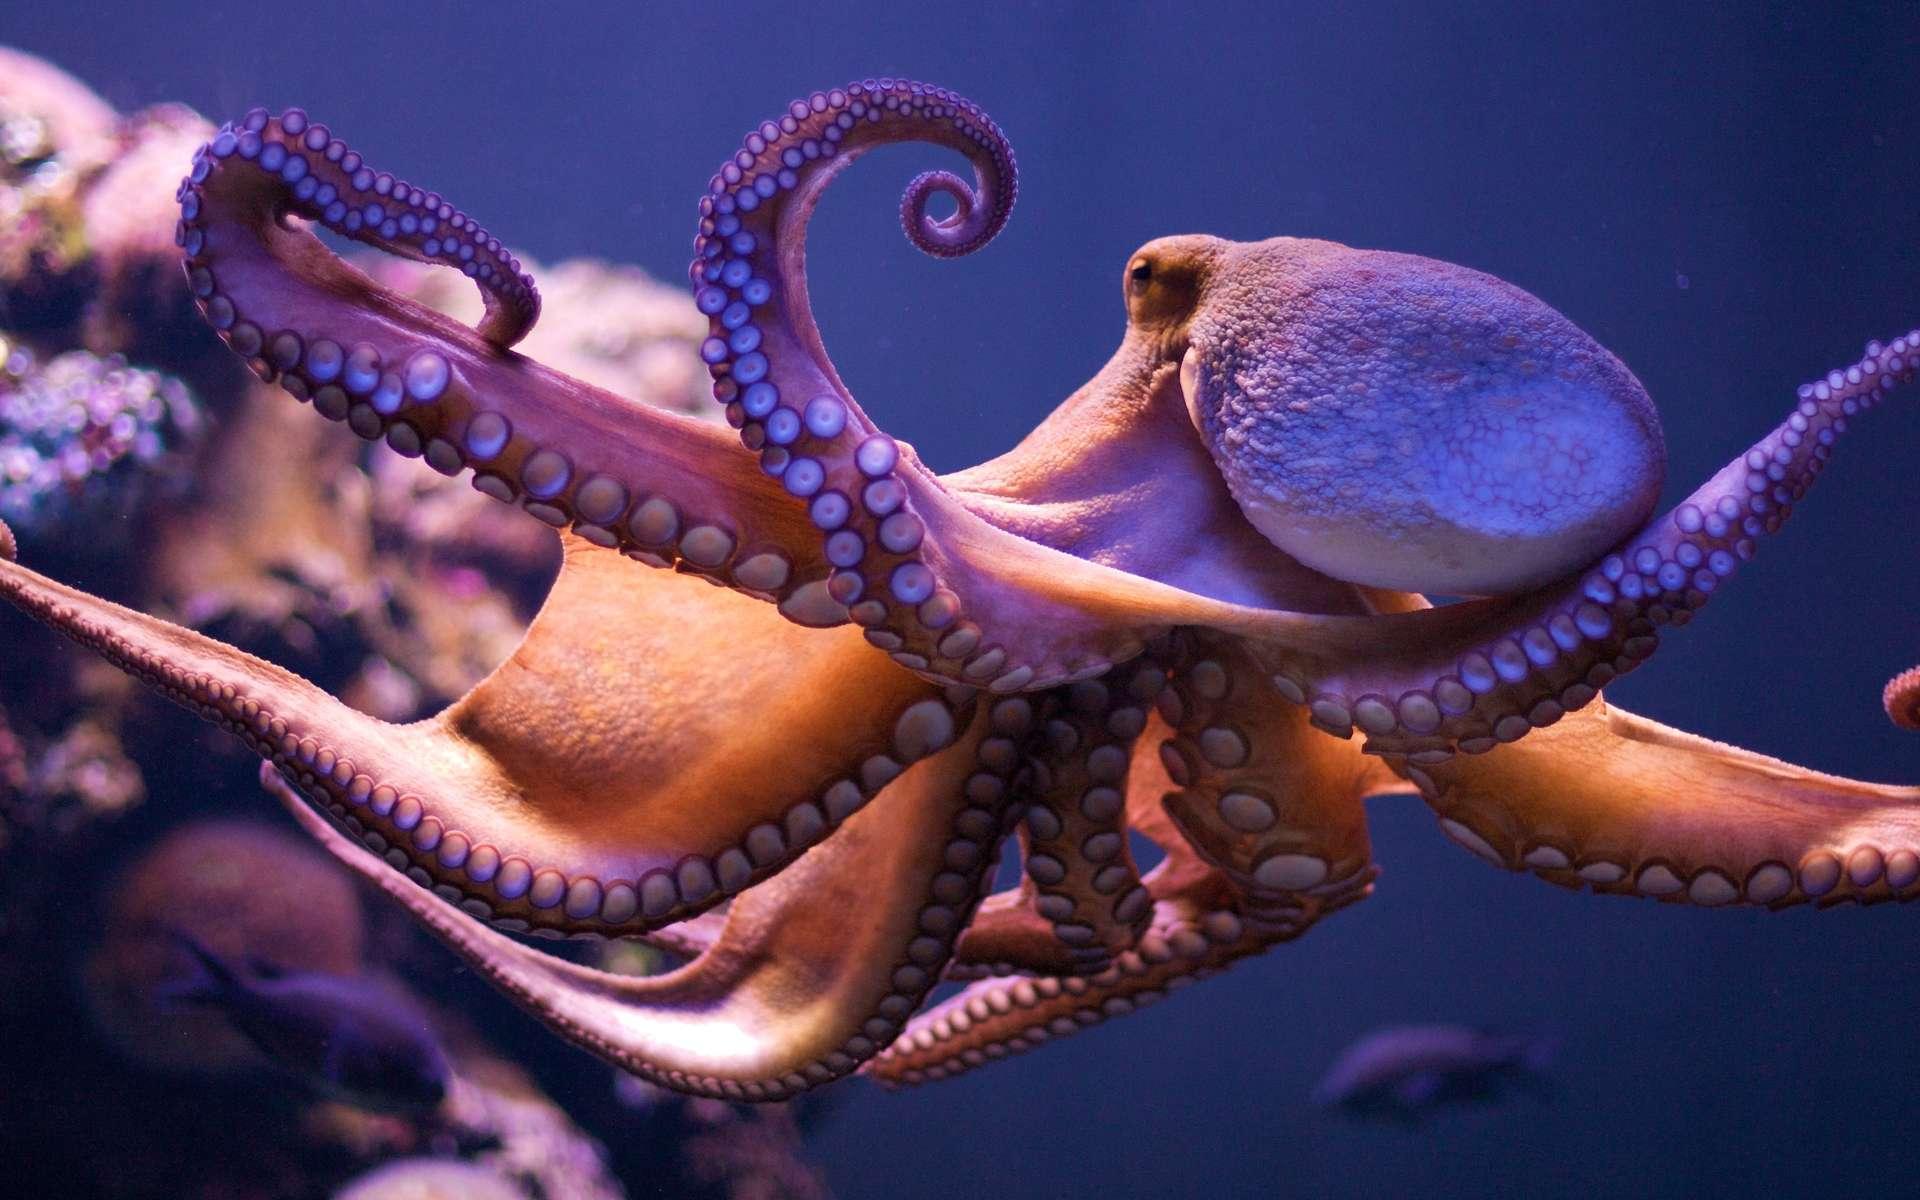 Voisins des seiches et des calmars, des céphalopodes qui ont dix bras, les octopodes en ont huit. Ces as du camouflage, capables de se faufiler dans les fonds rocheux, sont remarquablement intelligents. © Morten Brekkevold, Flickr, cc by nc sa 2.0